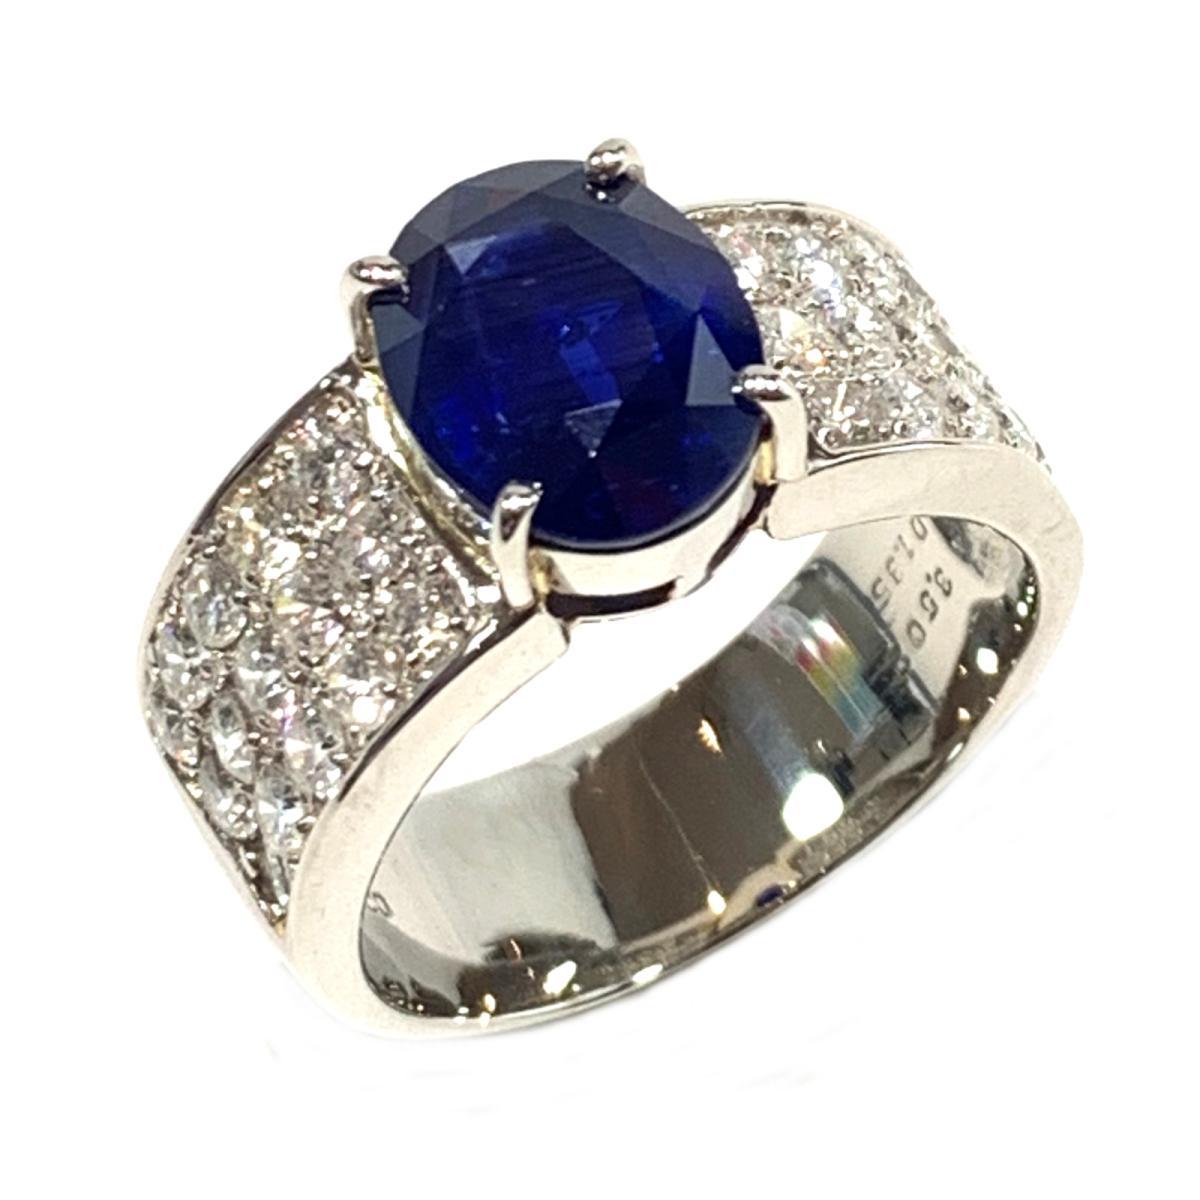 【中古】 ジュエリー サファイア ダイヤモンド リング 指輪 レディース PT900 プラチナ x サファイア3.50 ダイヤ1.35ct ブルー クリアー シルバー   JEWELRY BRANDOFF ブランドオフ ブランド アクセサリー